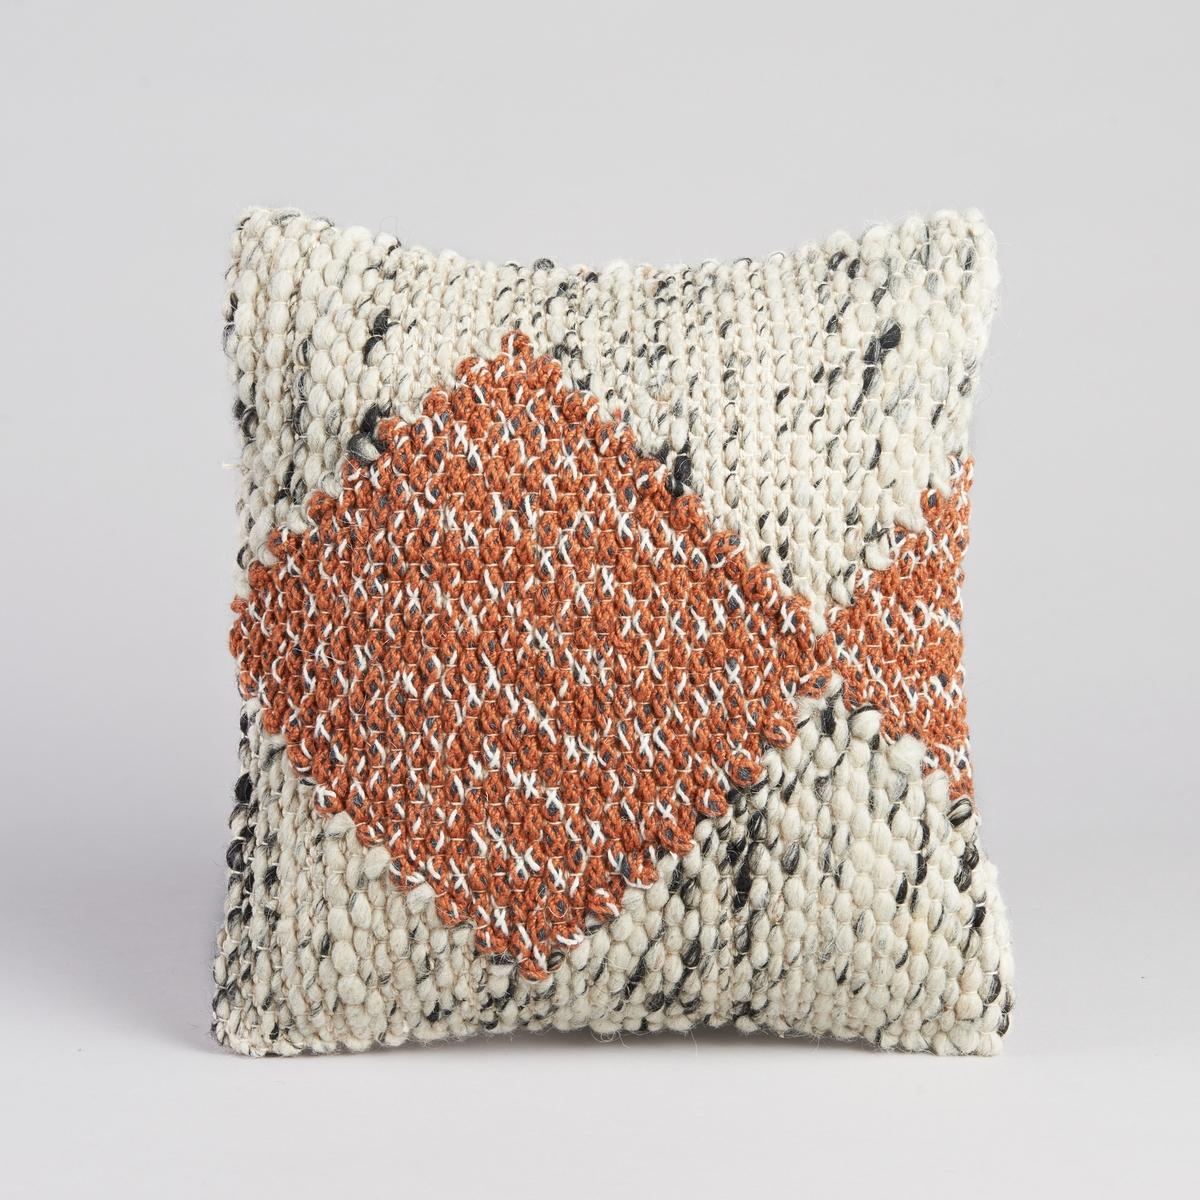 Чехол для подушки FillaПлетеный чехол для подушки, контрастный этнический рисунок. На подкладке. Застежка на молнию. Материал :- Лицевая сторона из 36% шерсти, 51% хлопка, 7% акрила, 6% полиэстера оборотная сторона из 100% хлопка. Размер :- 40 x 40 см.<br><br>Цвет: экрю/ оранжевый